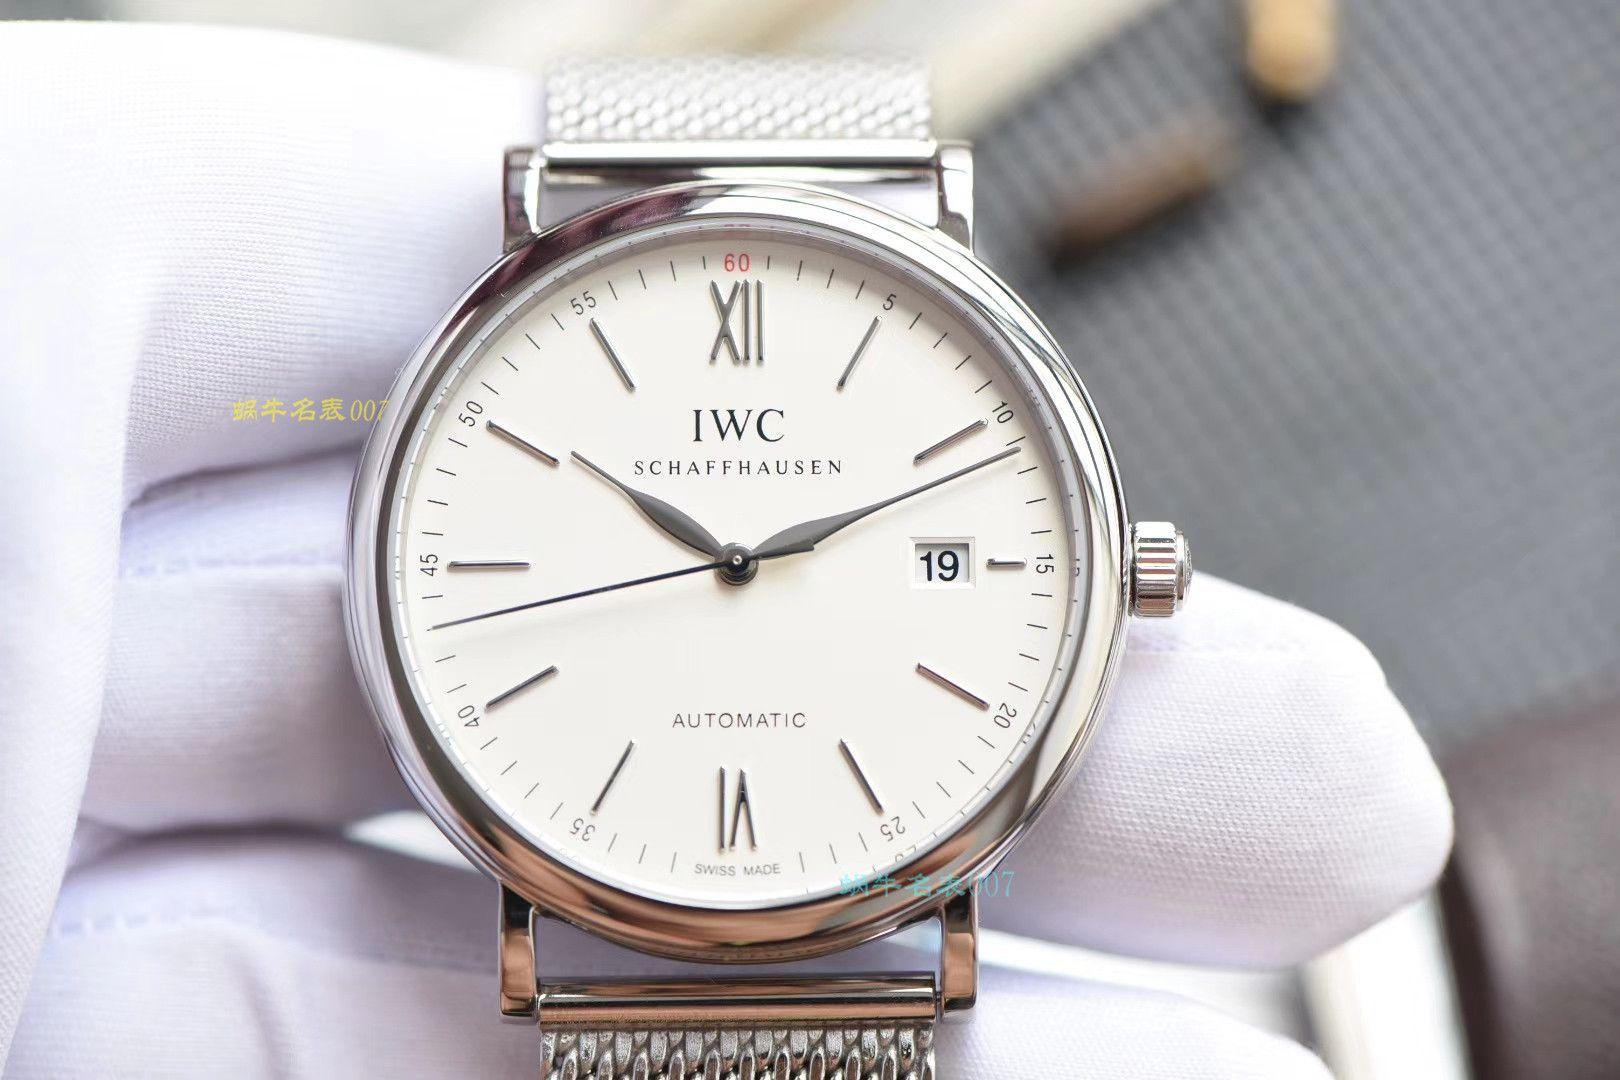 【顶级复刻手表价格】视频评测IWC万国表柏涛菲诺系列IW356505腕表